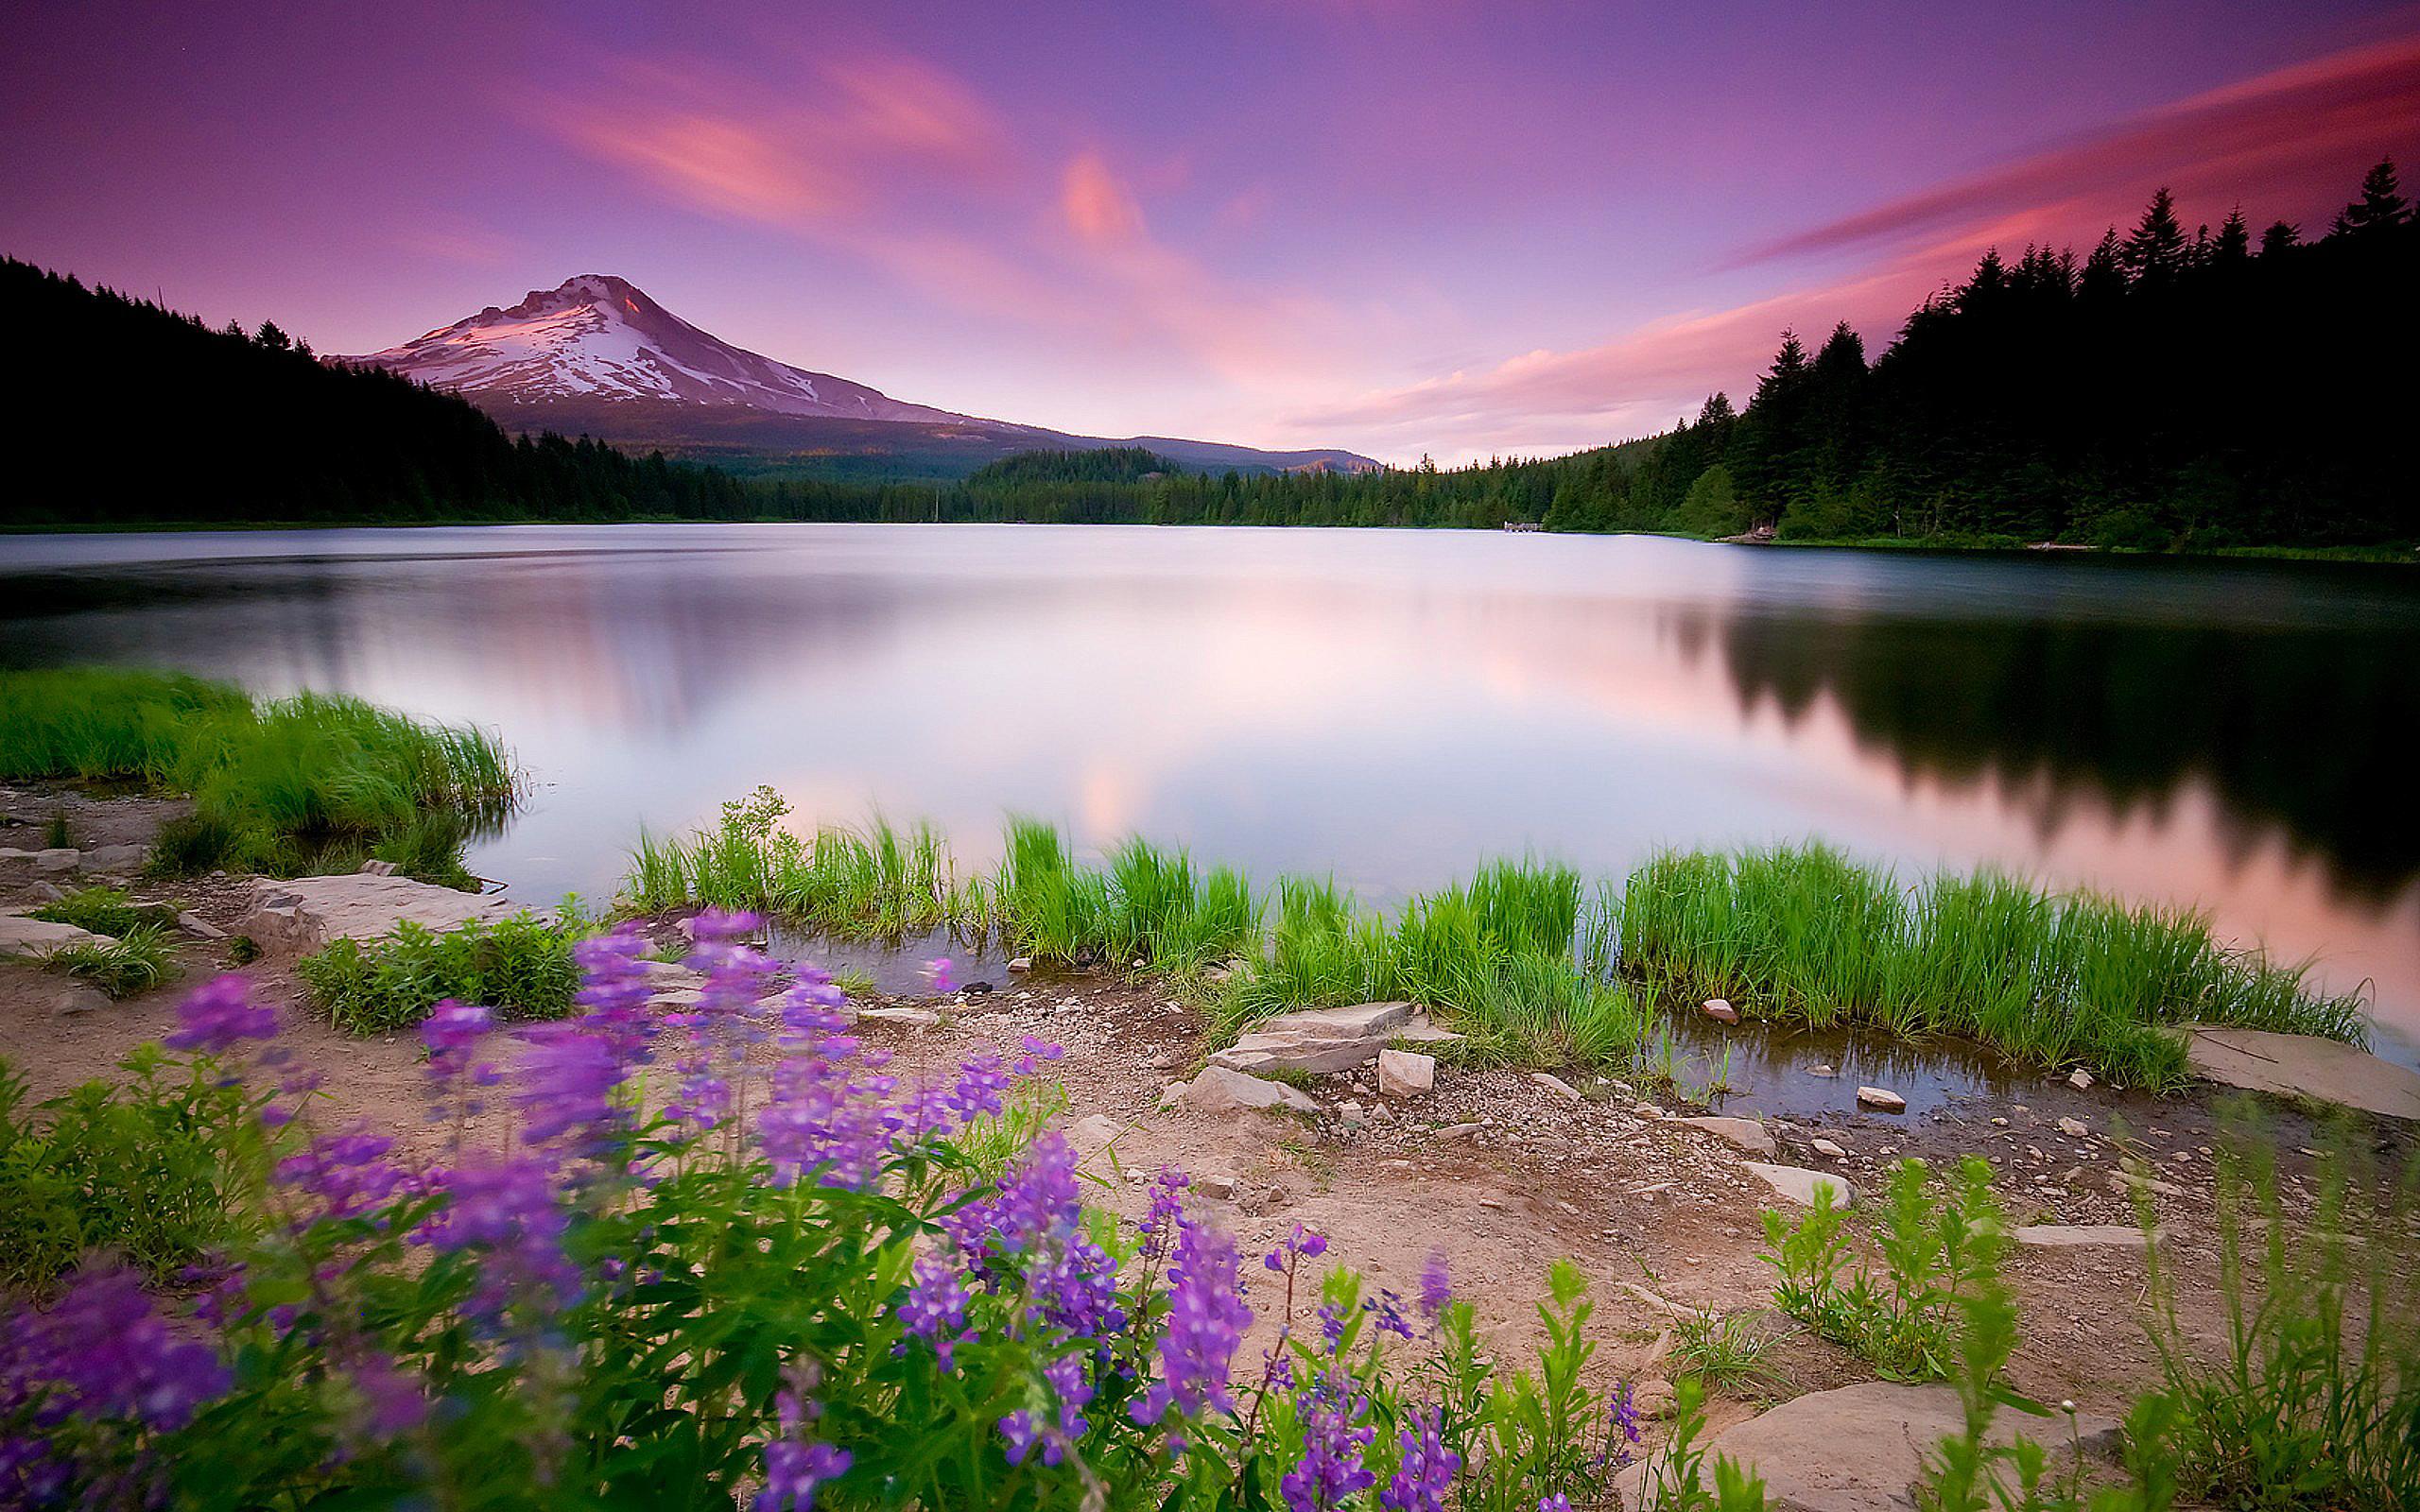 Beautiful Pink Landscape Nature HD Wallpaper   StylishHDWallpapers 2560x1600